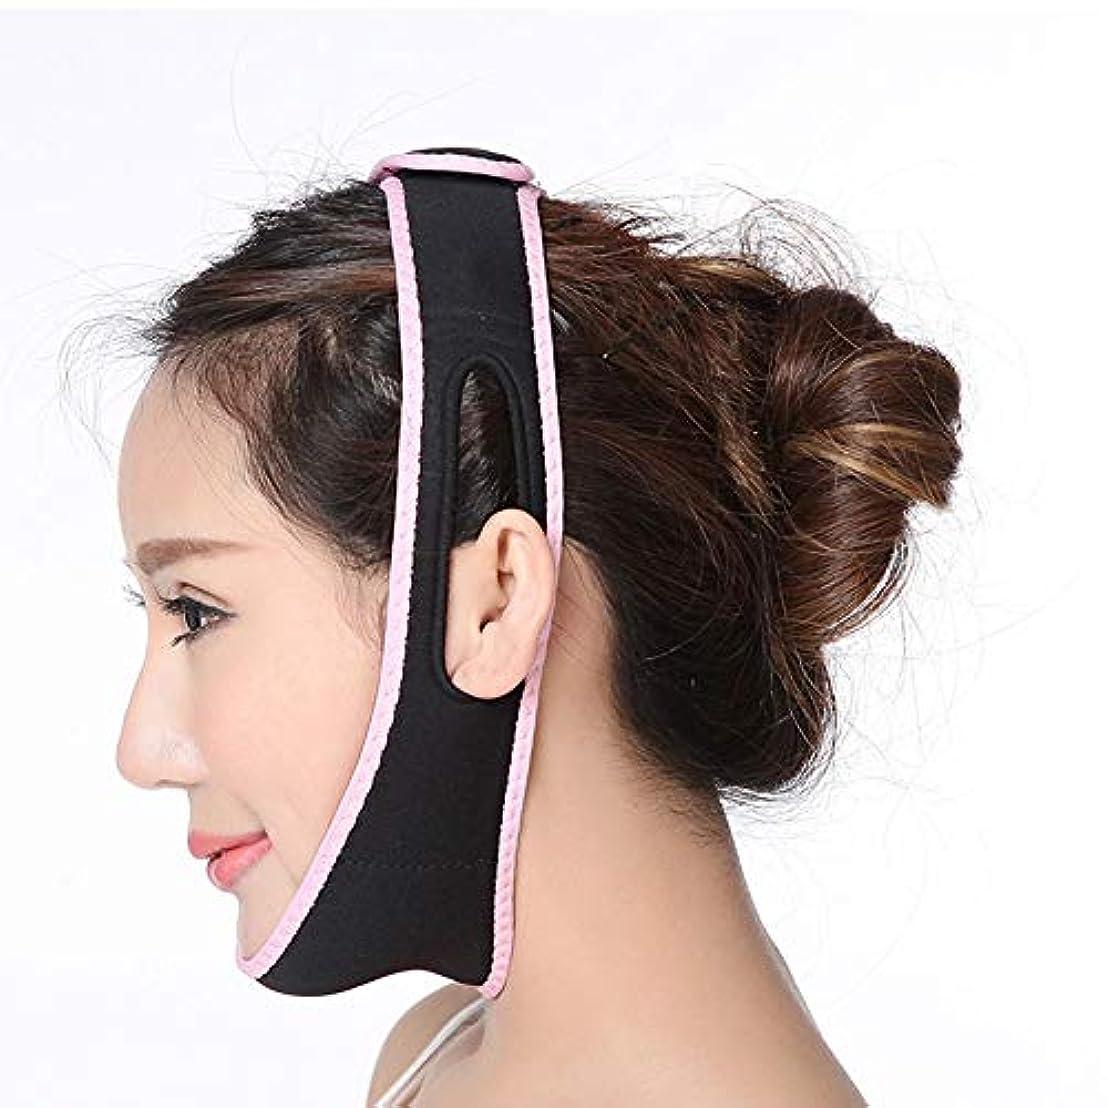 ポークシャワー不利Jia Jia- フェイスリフティングアーティファクト3D薄型フェイス付き薄型シンフェイスマスク小型Vフェイス包帯二重あごフェイスリフティングデバイスリフティングファーミング - ブラック 顔面包帯